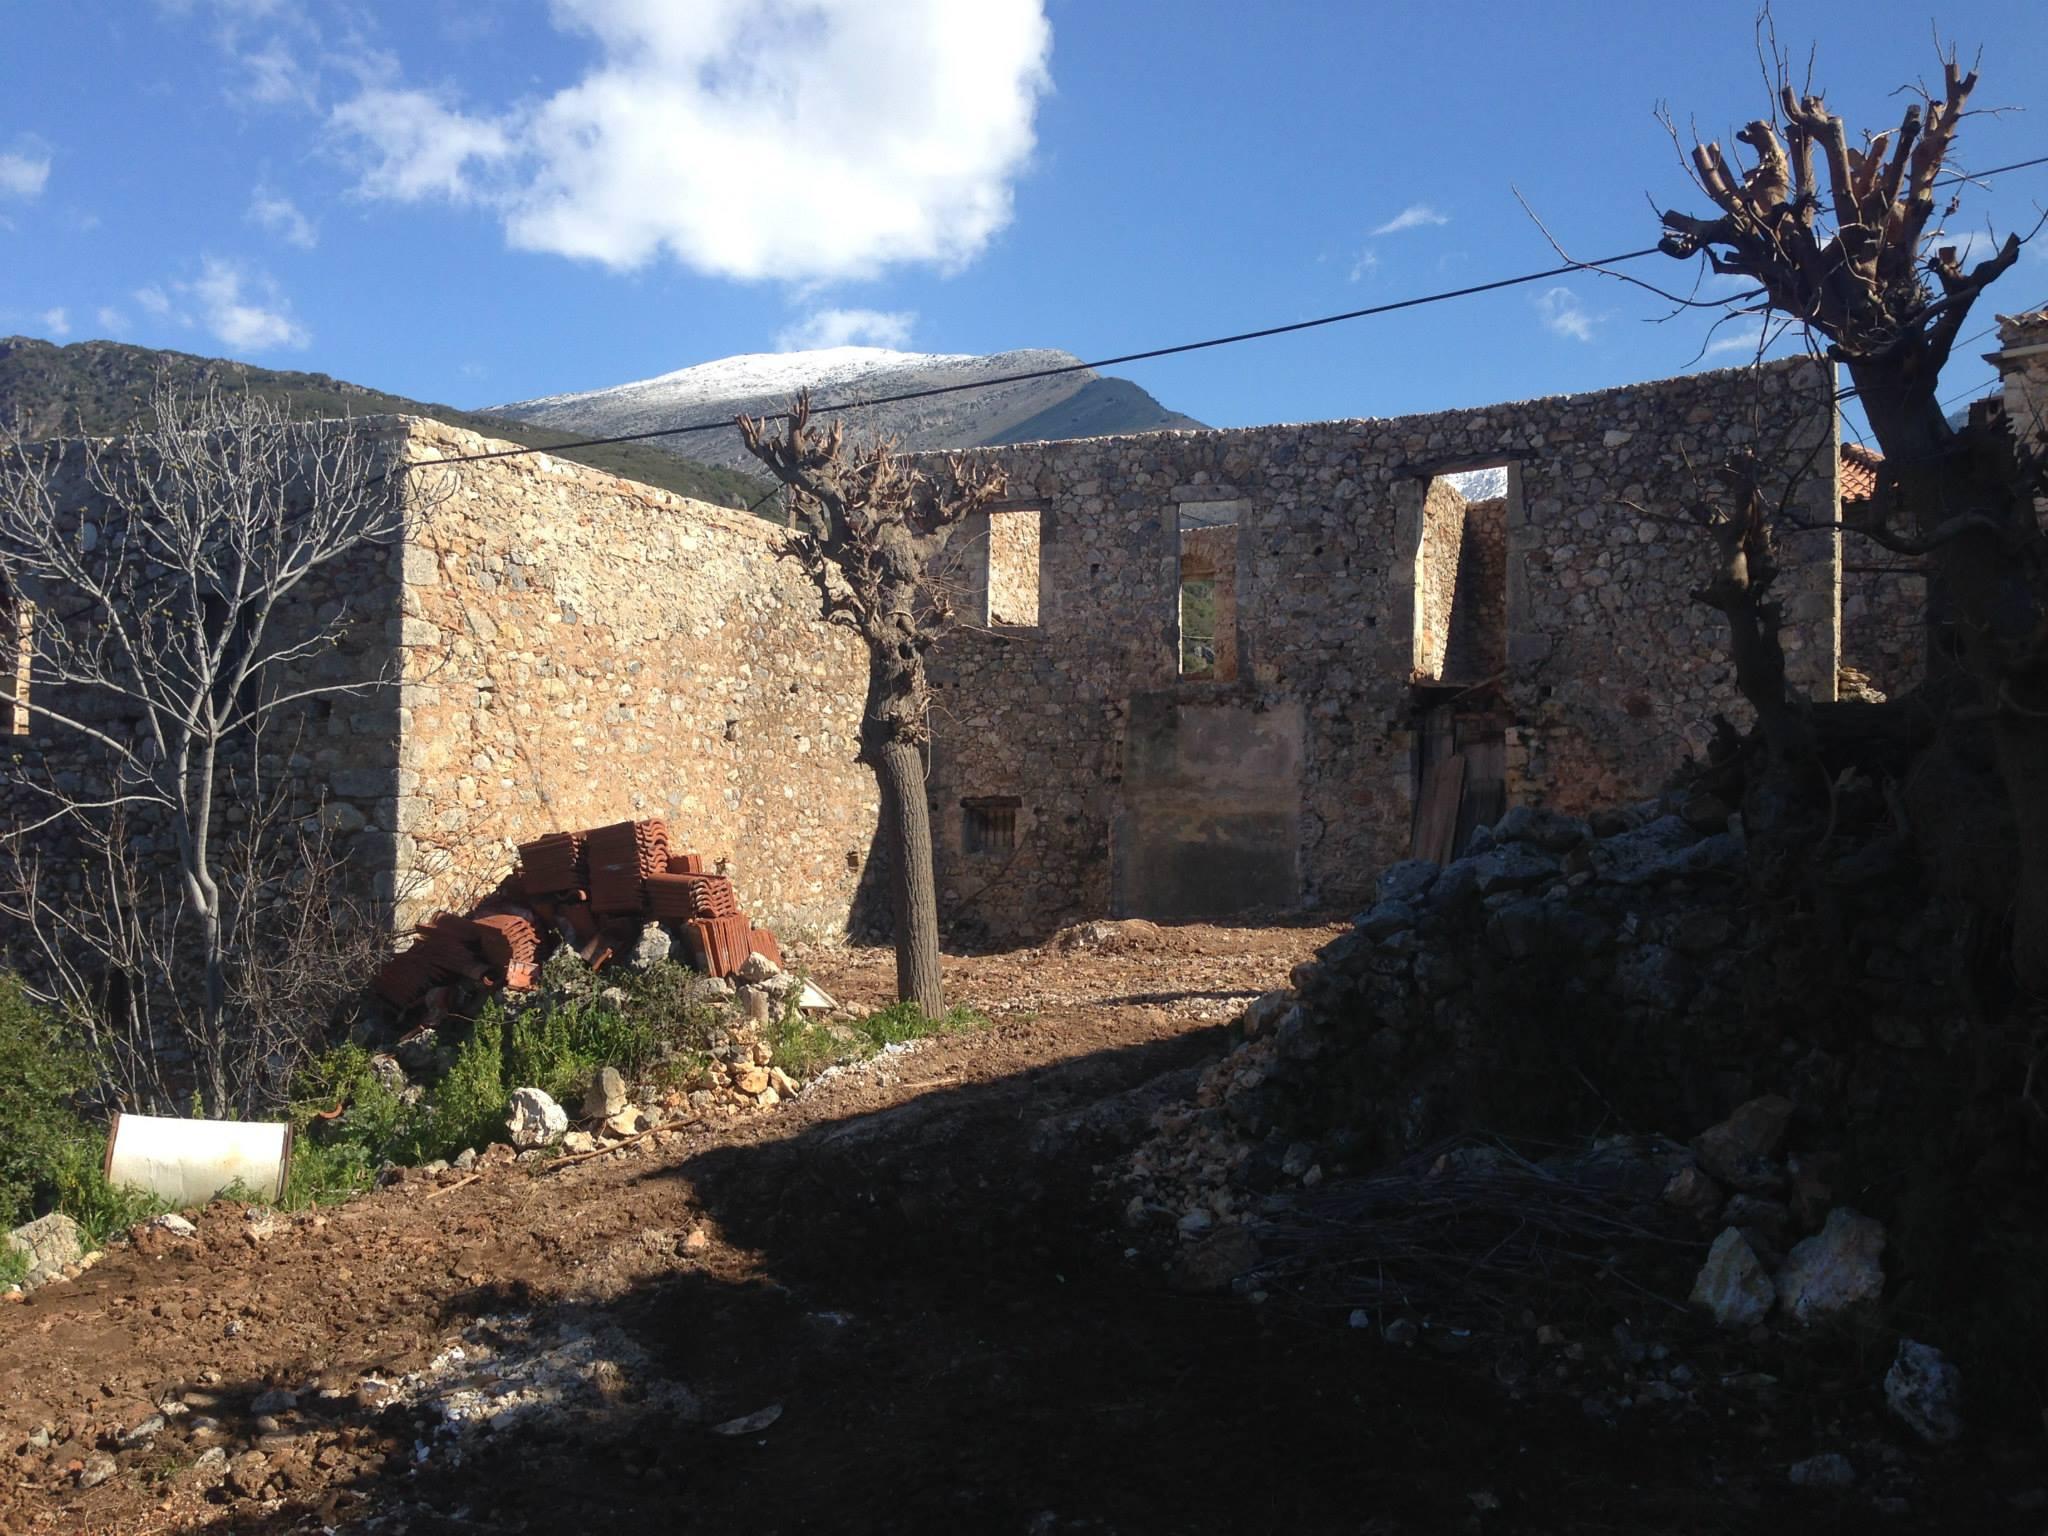 Ένας παλιός πέτρινος μύλος μετατράπηκε σε μια σύγχρονη πολυτελή εξοχική κατοικία/